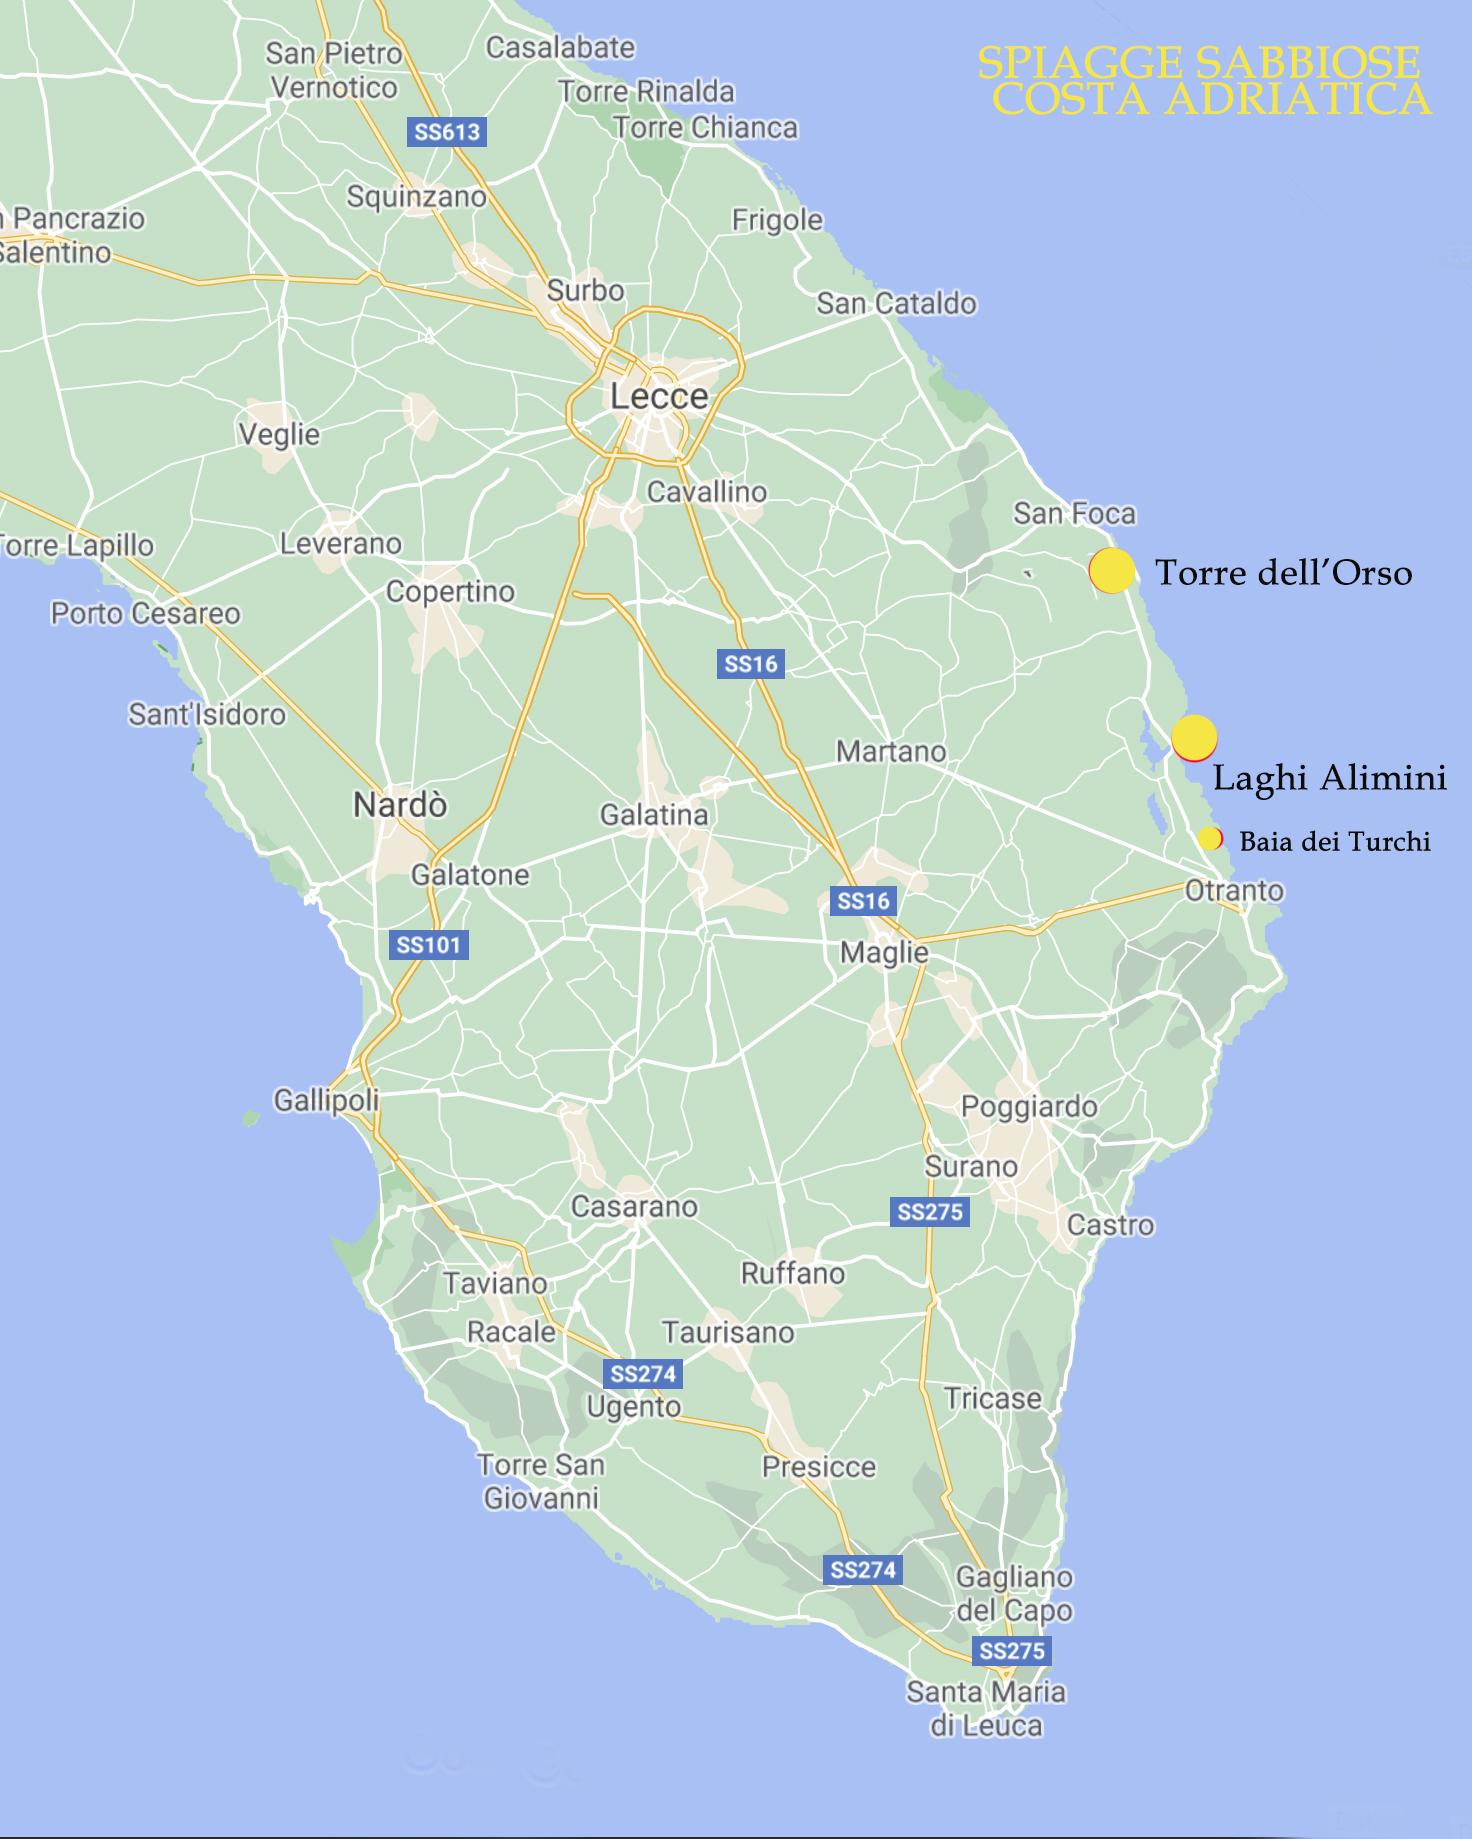 Cartina Geografica Italia Gallipoli.Cartina Salento Mappa Di Spiagge Borghi Strade Esperienze Salento